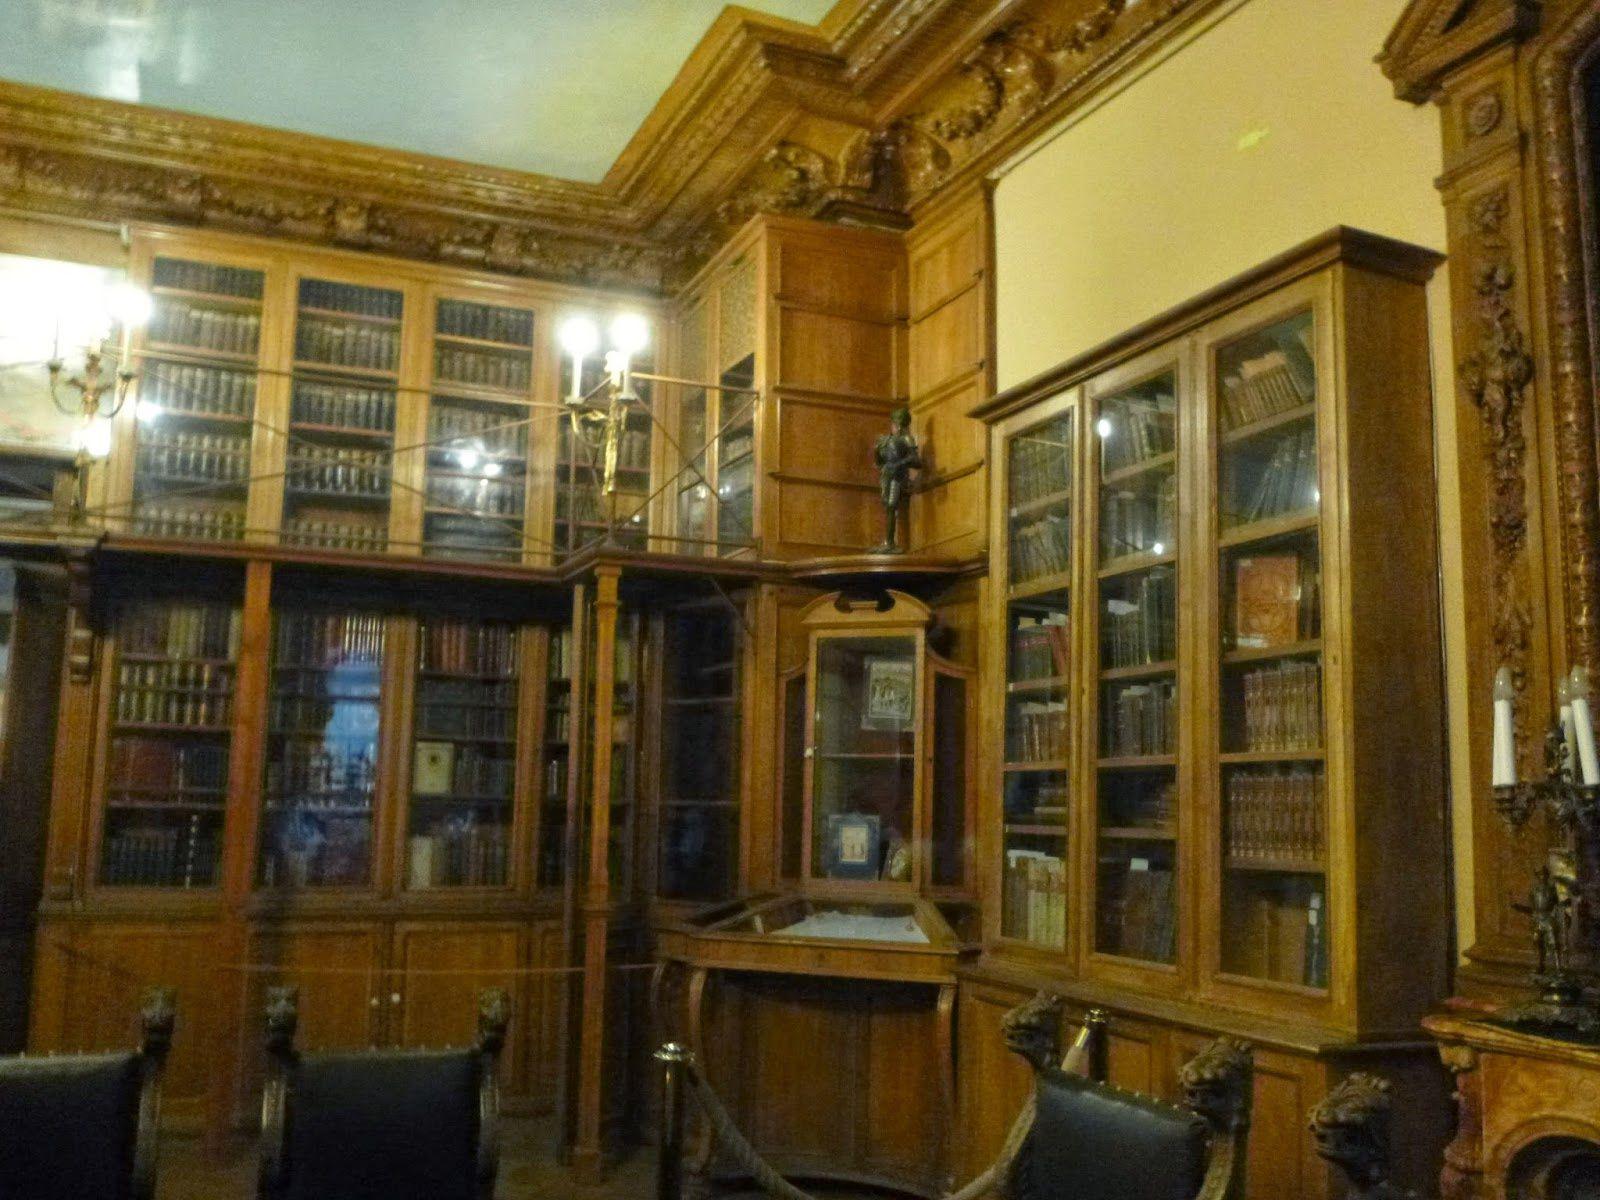 Palais Youssoupov, le salon de musique en bouleau de Karelli (aussi cher que l'or) et la bibliothèque où nous avons trouvé une collection de la Revue des deux Mondes